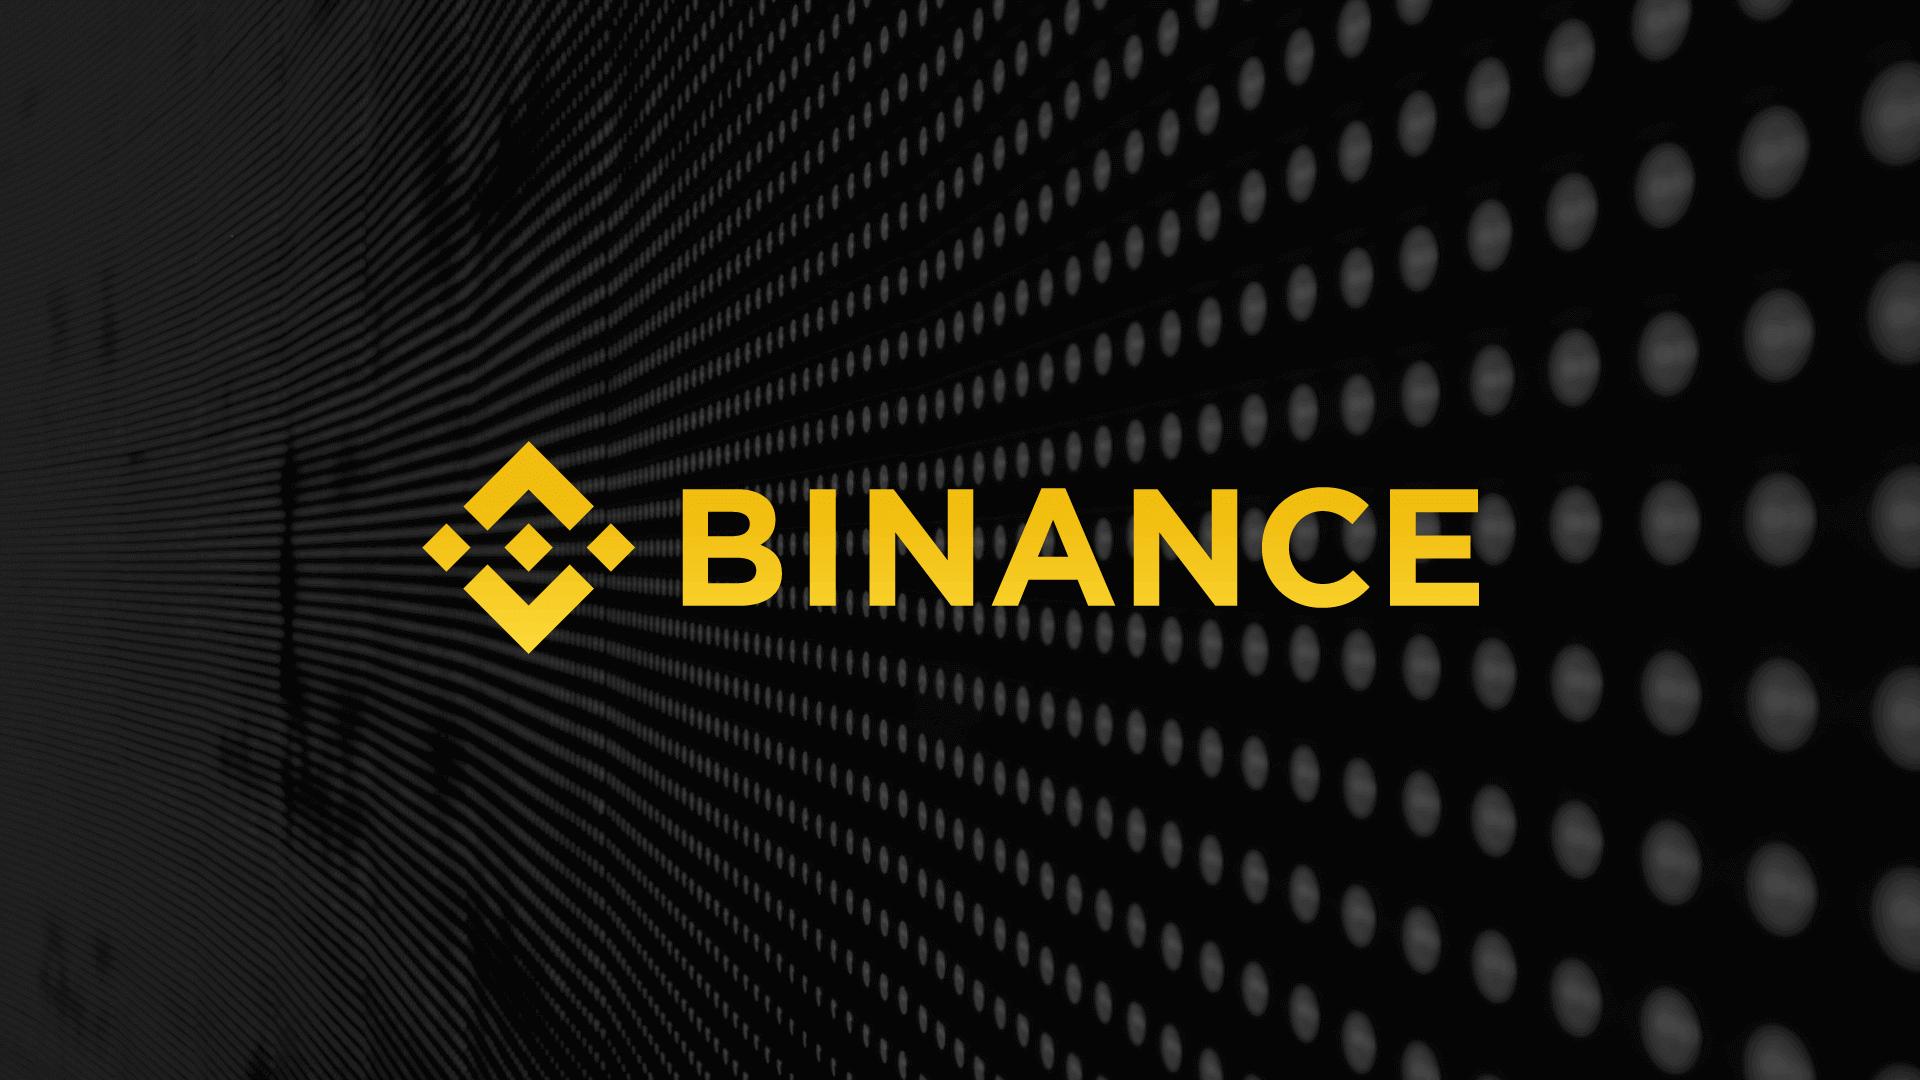 giá bitcoin: Binance vẫn chưa hoàn toàn đáp ứng được yêu cầu pháp lí để hoạt động tại Malta